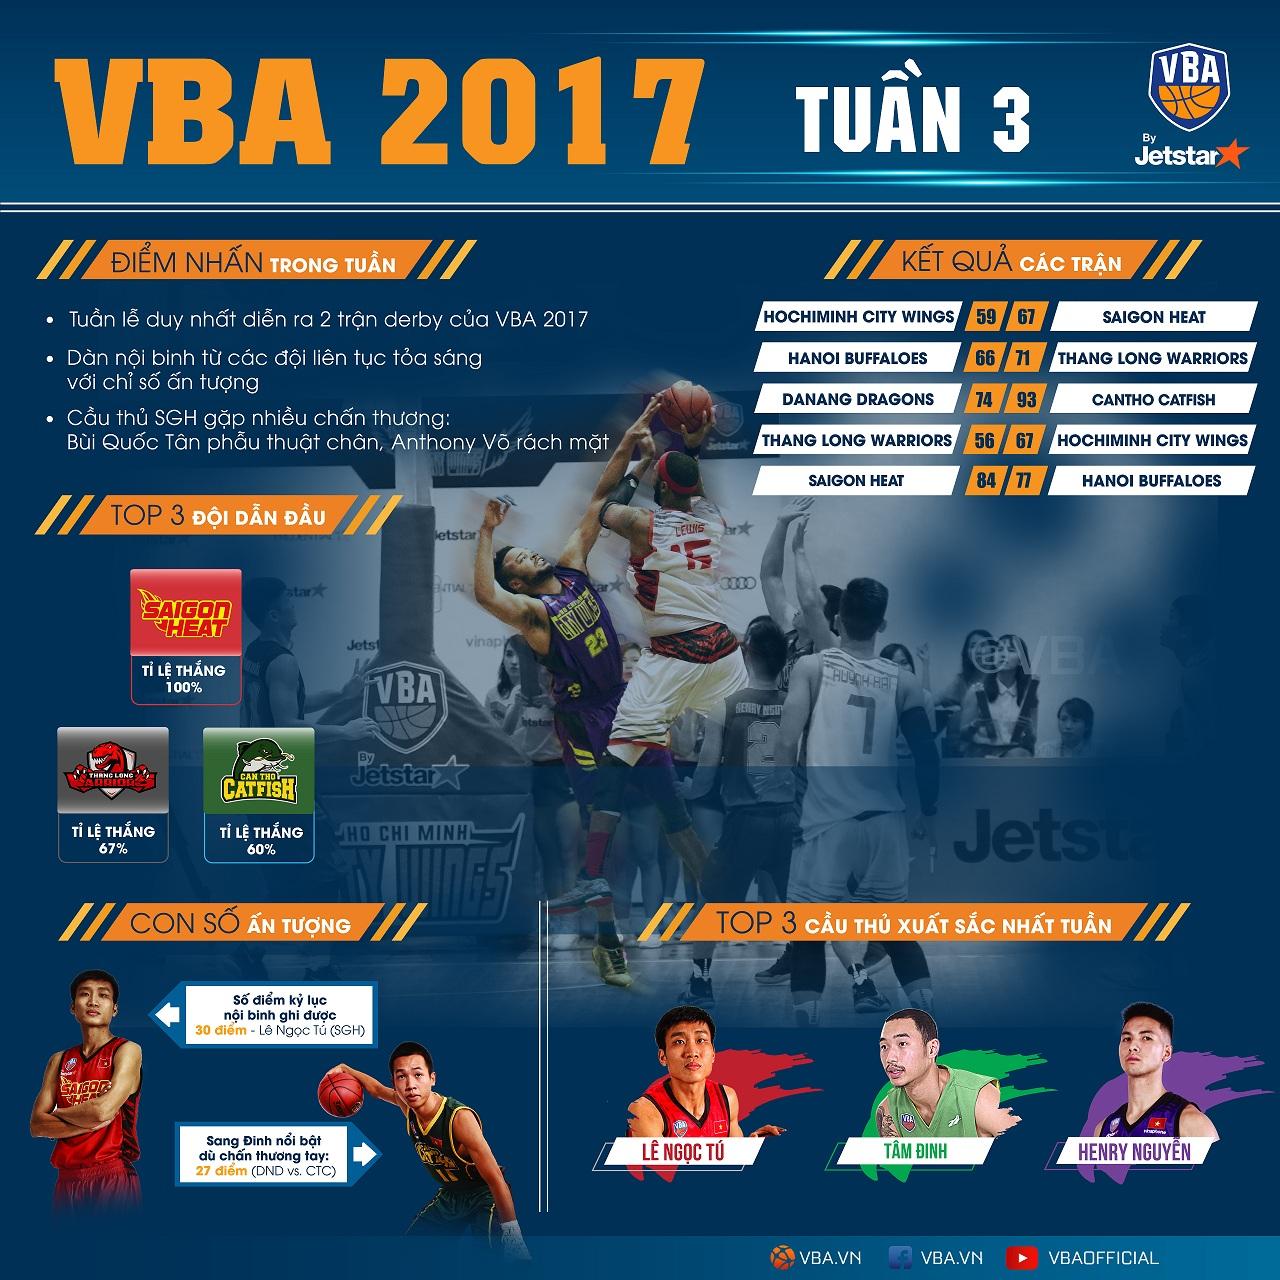 VBA 2017 – Cập nhật sau 3 tuần thi đấu: Nhiều diễn biến bất ngờ!